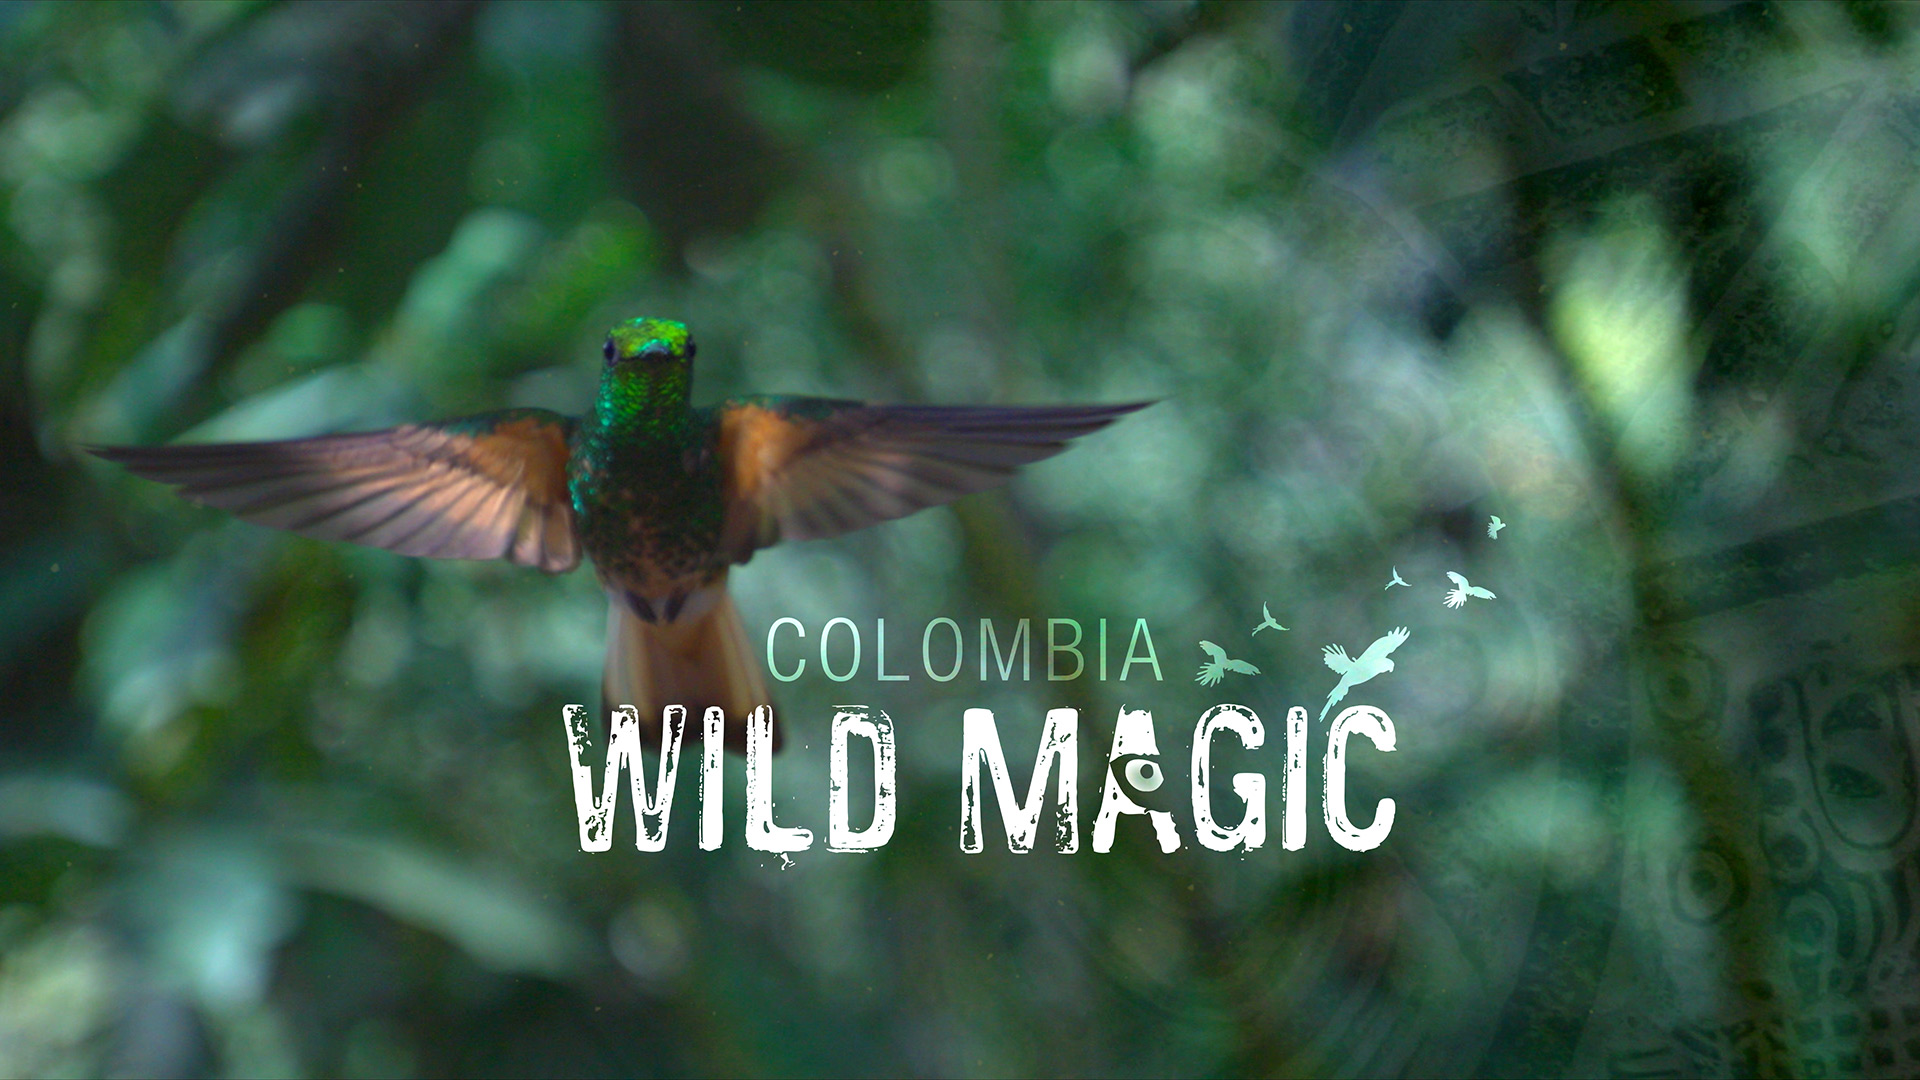 Colombia: Wild Magic ©Holey & Moley Ltd